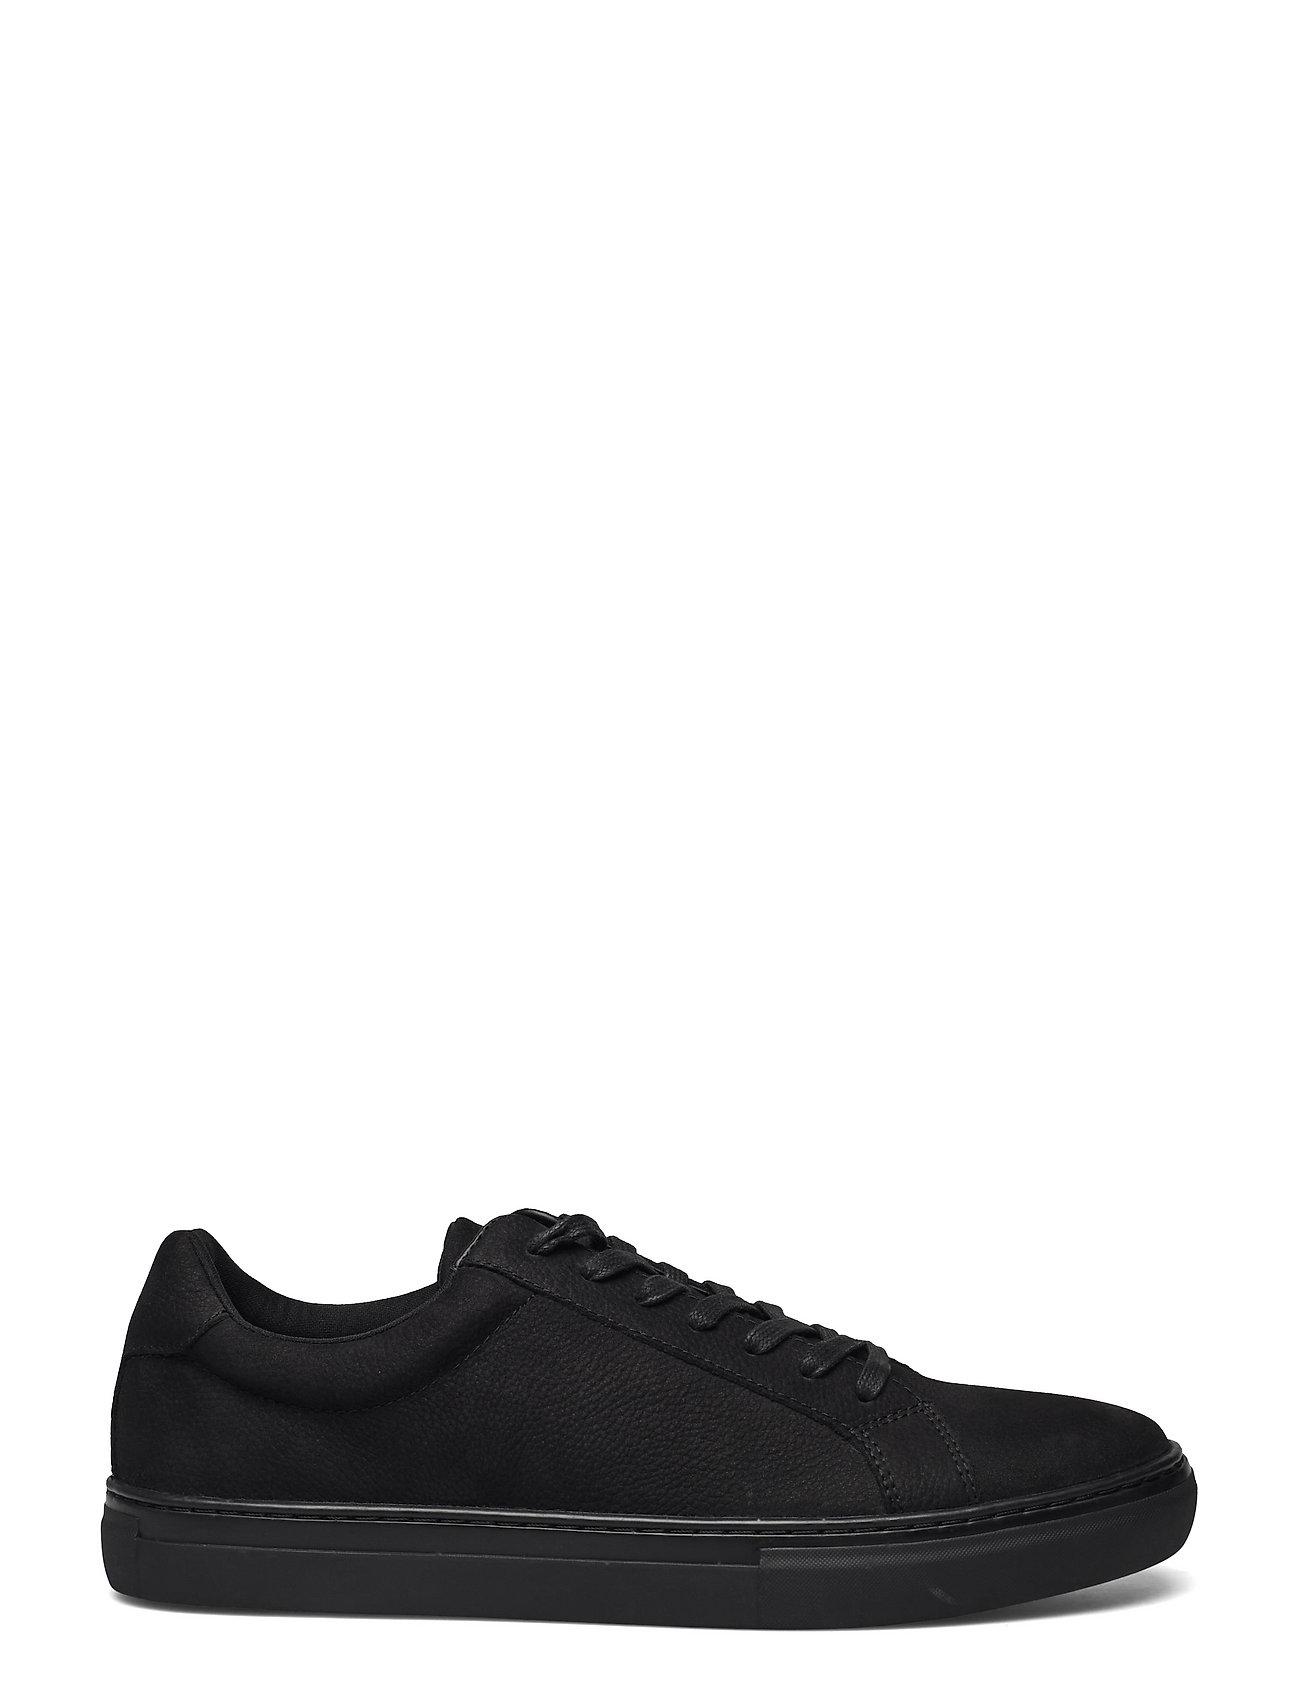 Image of Paul Low-top Sneakers Sort VAGABOND (3546302333)